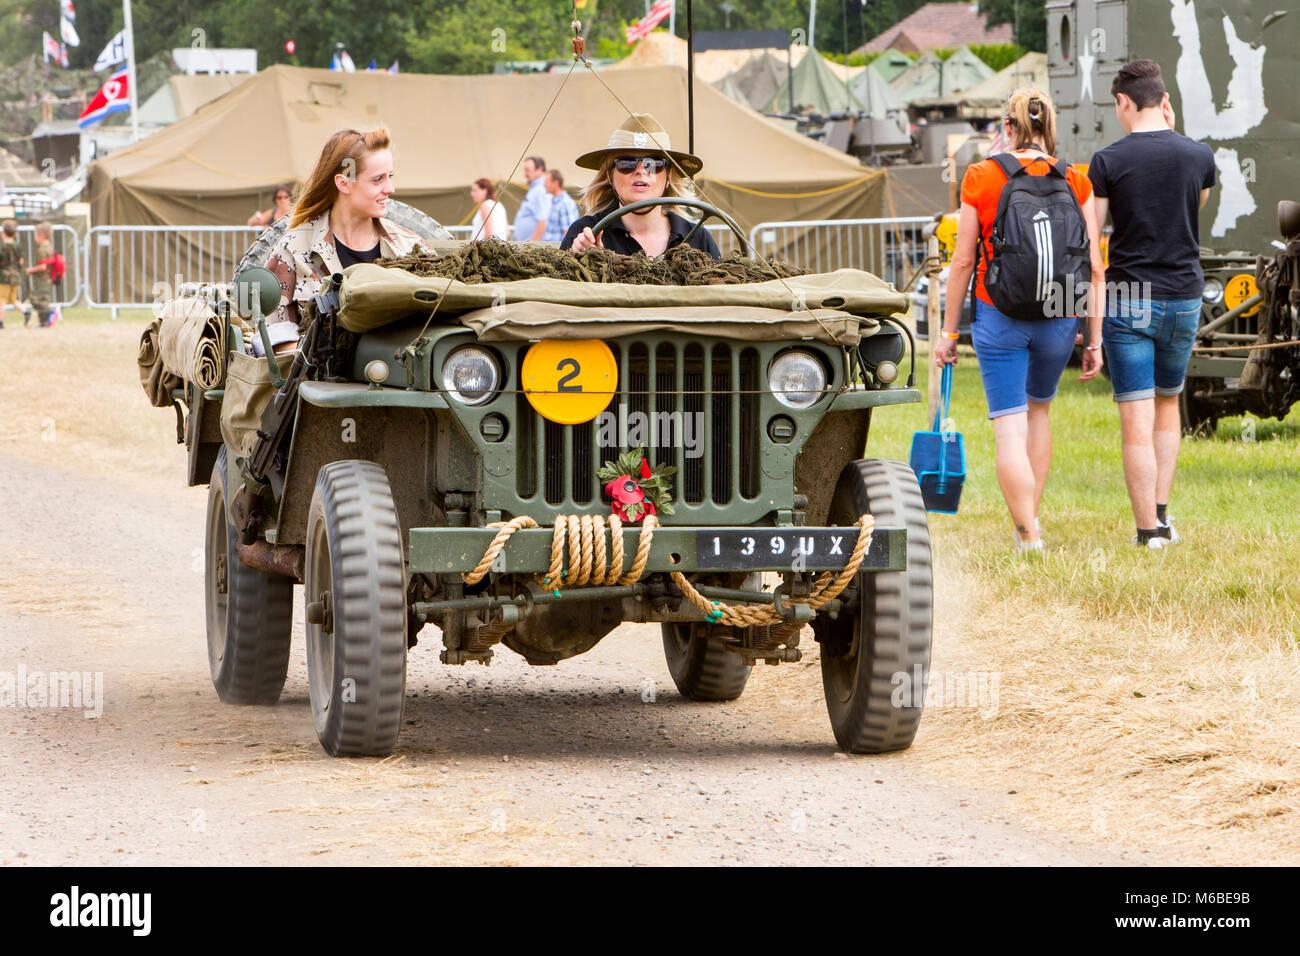 Zwei junge Frauen, die in einem Willys Jeep an einem Krieg und Frieden Revival Meetings. Stockbild